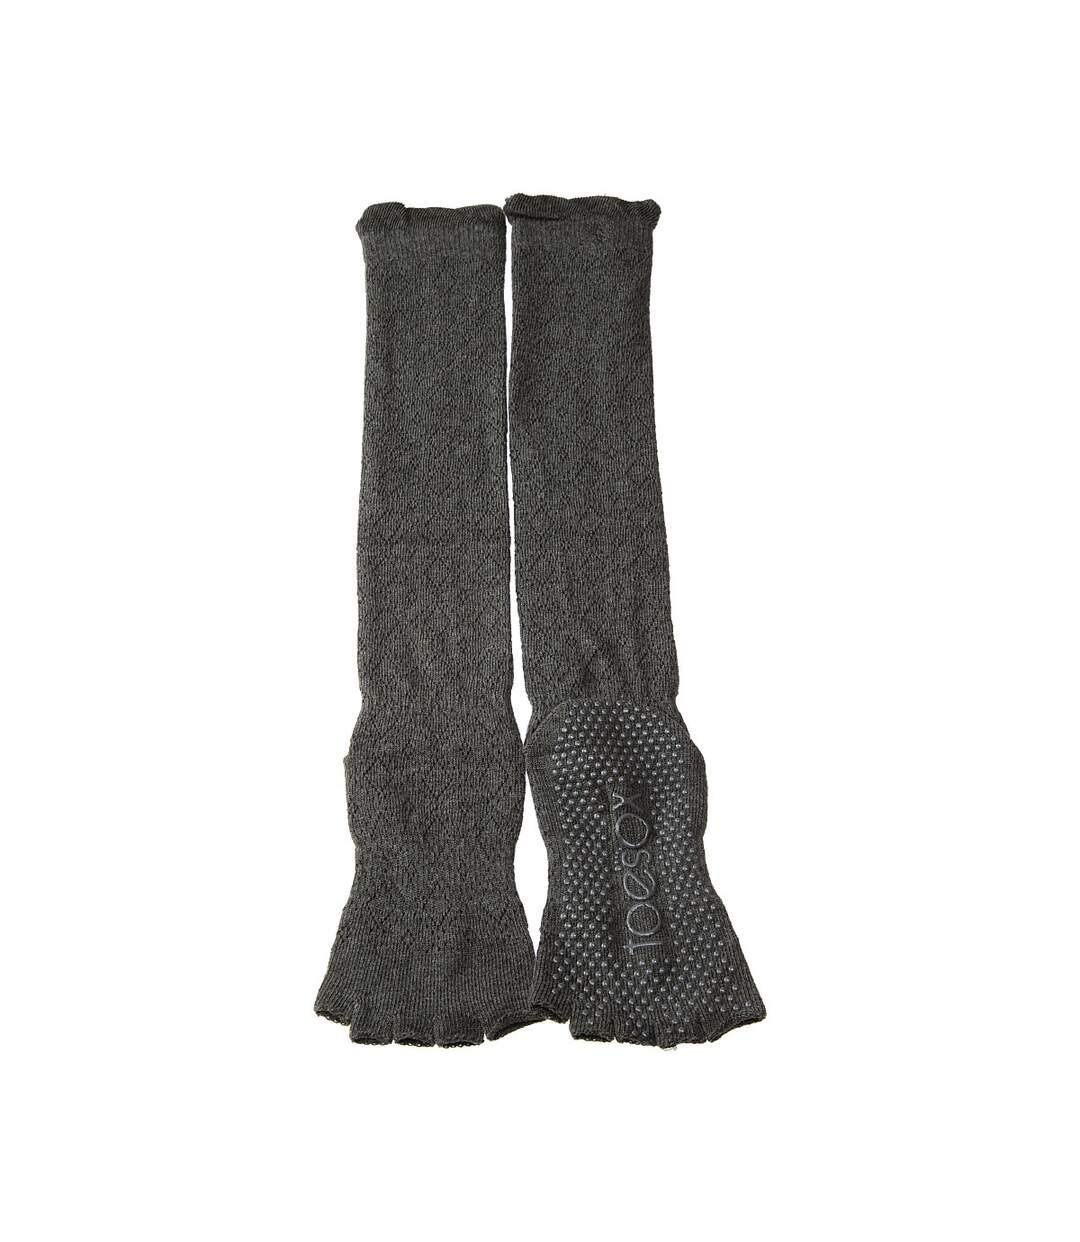 Dégagement Chaussette Hautes 1 paire Anti dérapante Sans bouclette Jacquard Danse Chaude Coton bio Gris foncé dsf.d455nksdKLFHG